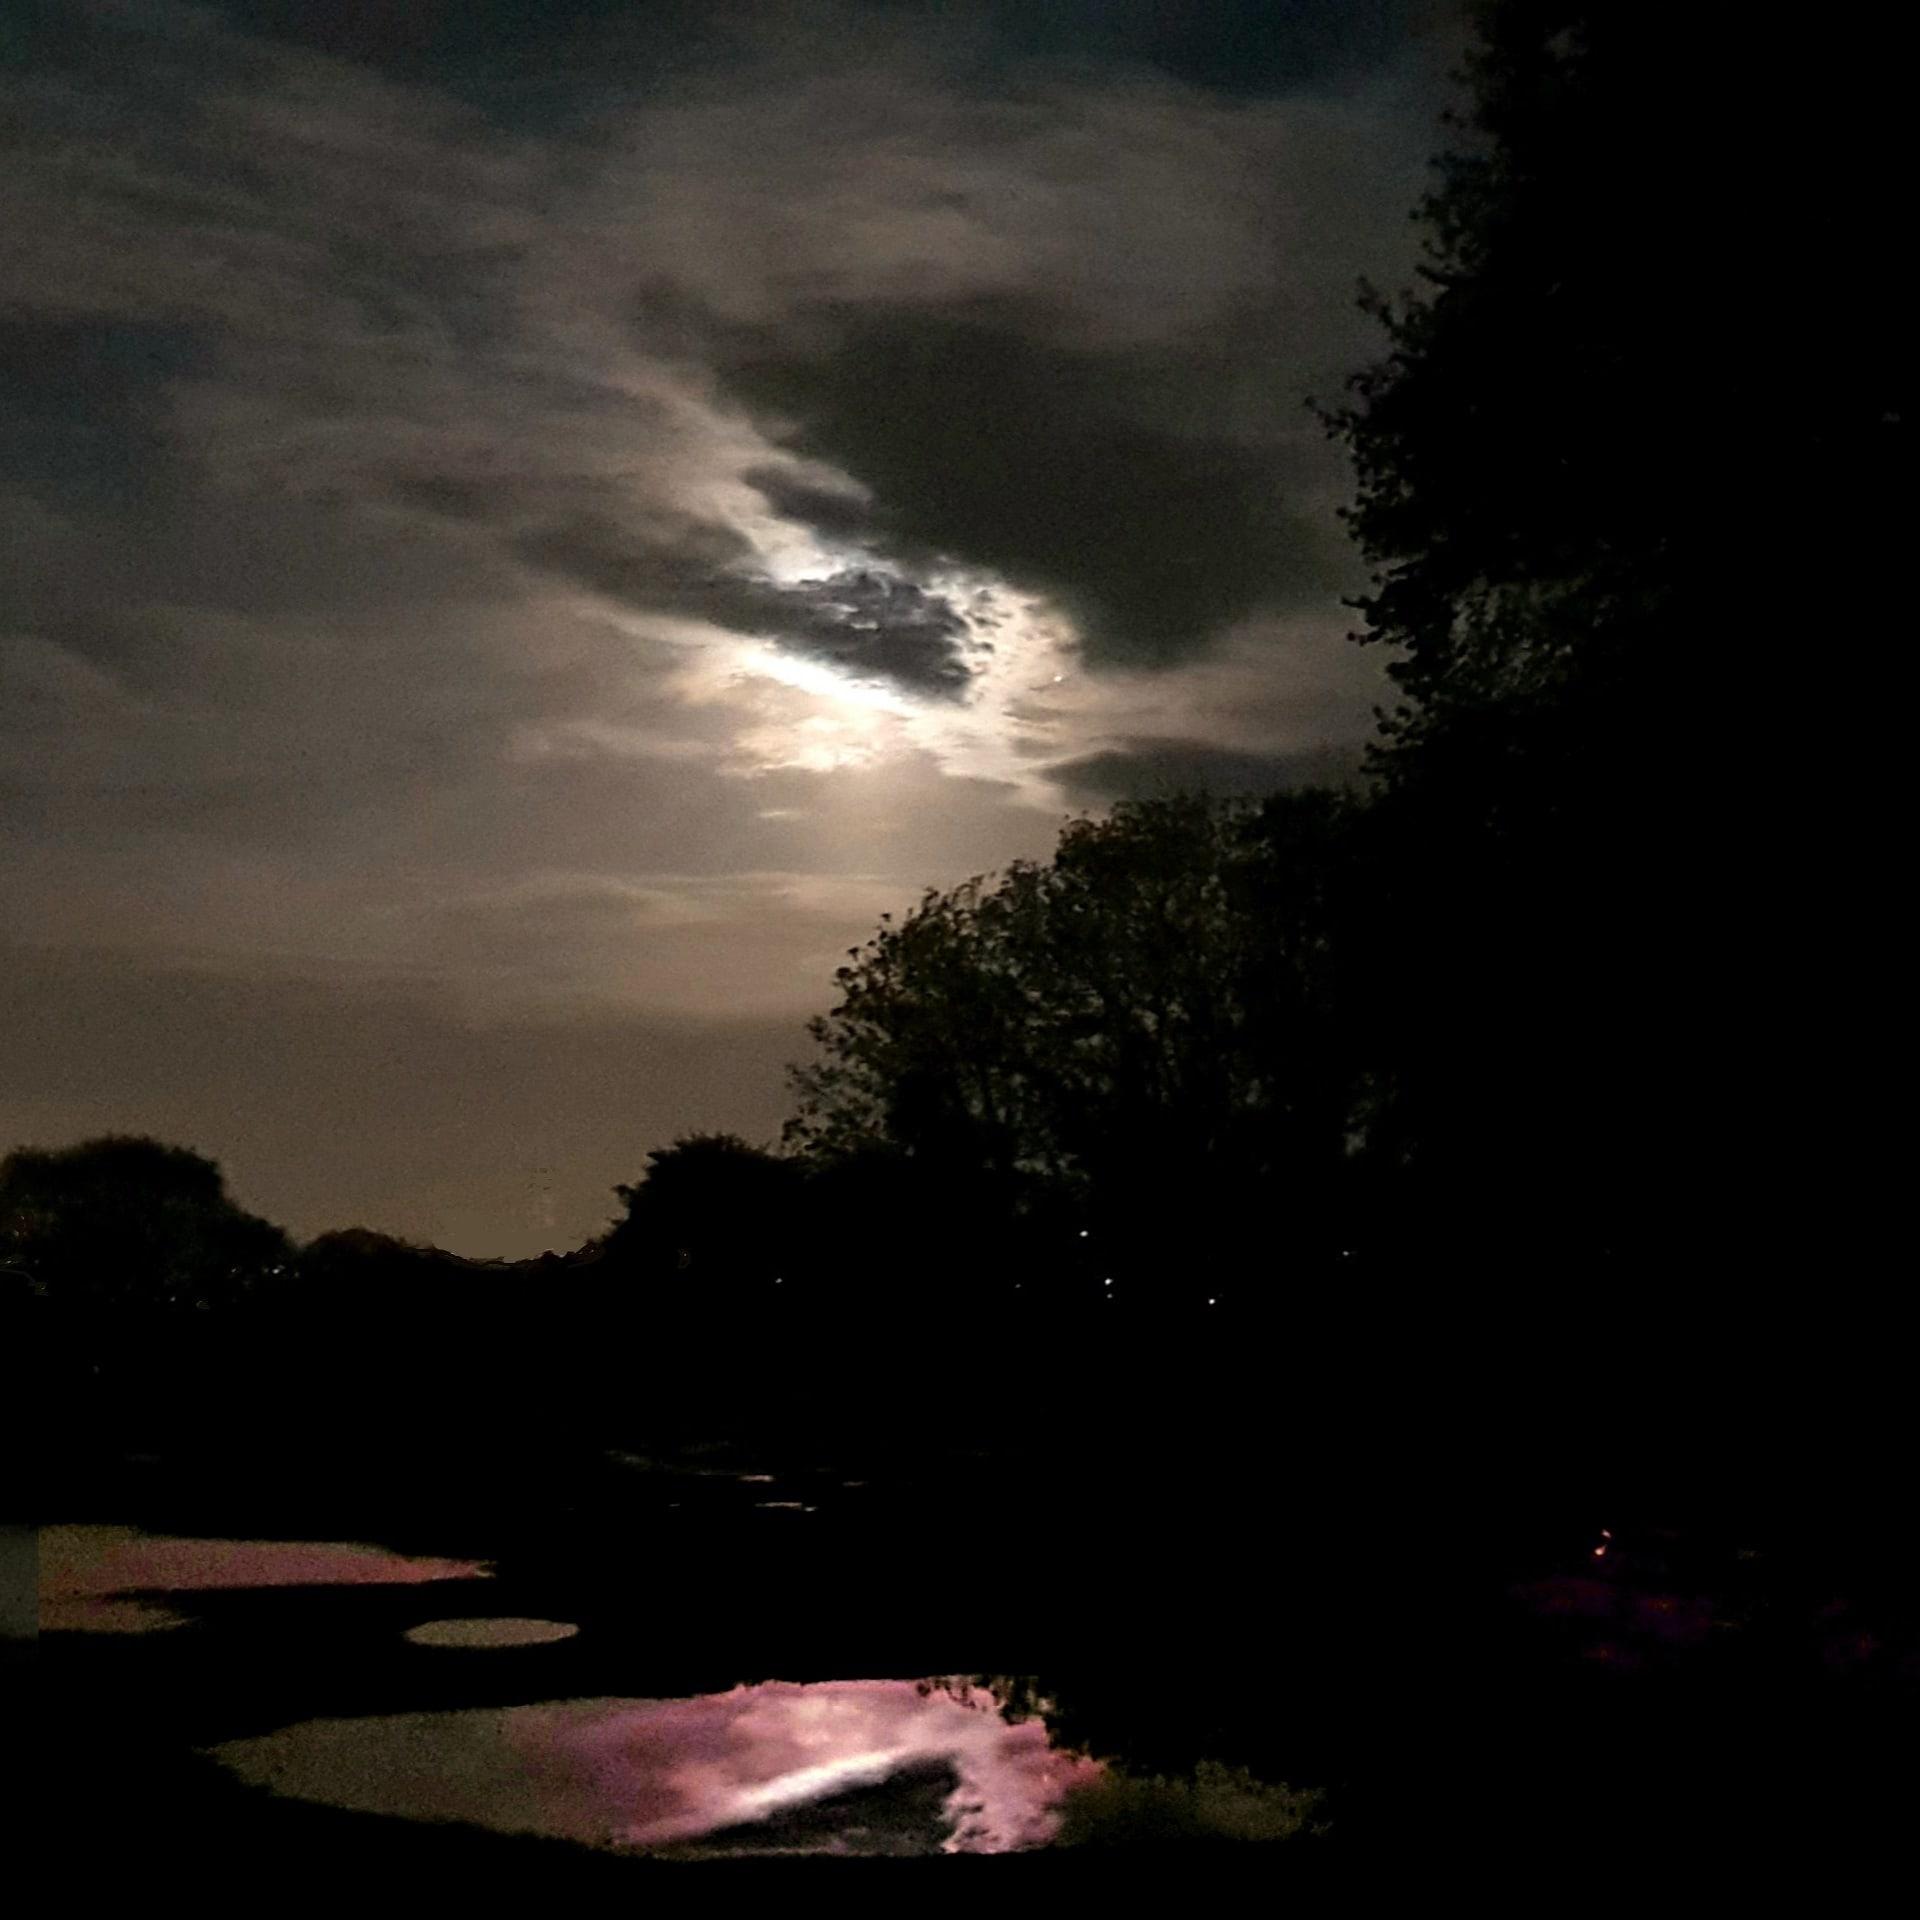 Blood Moon Lunar Eclipse, digital image for Lunascope Newsletter 2018